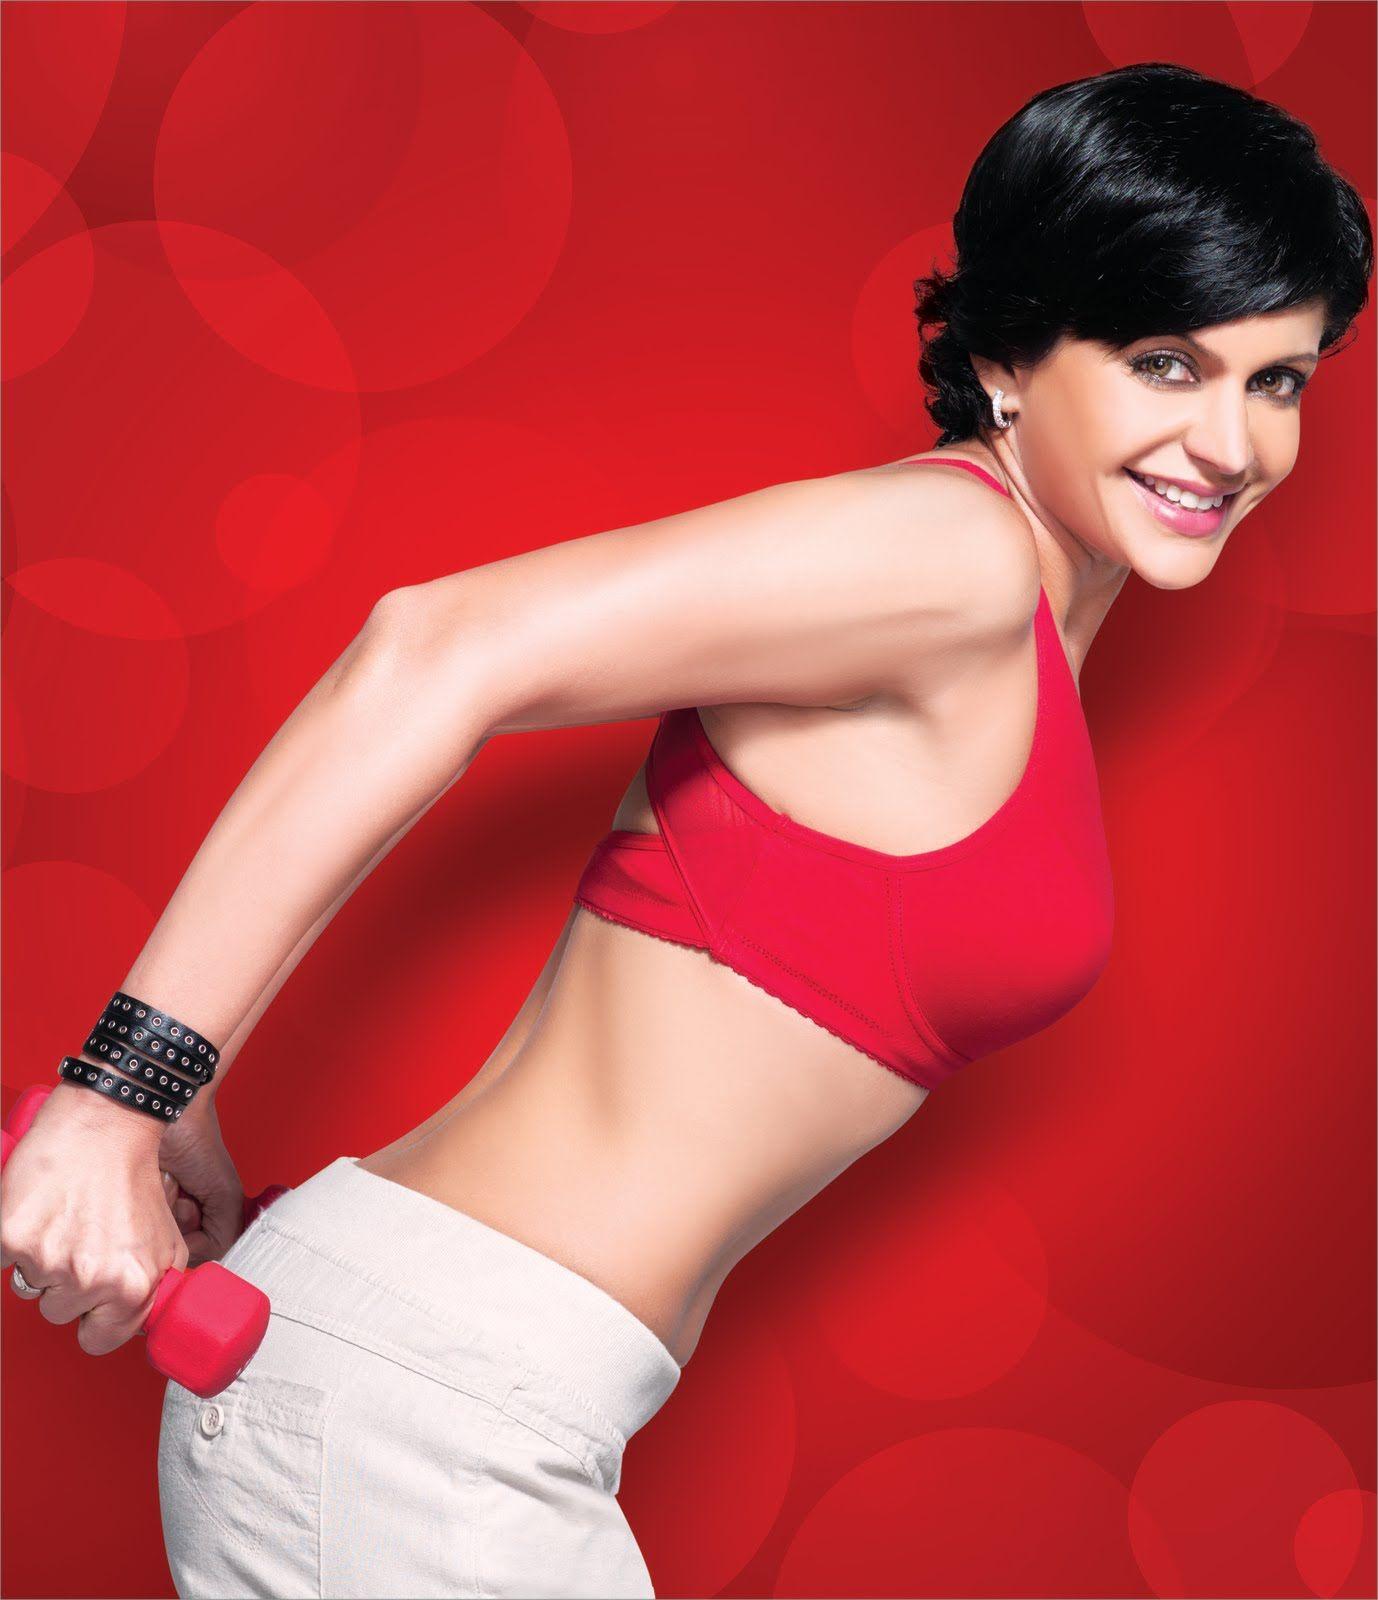 Mandira bedi hot bikini images wallpapers, actress latest hd photos